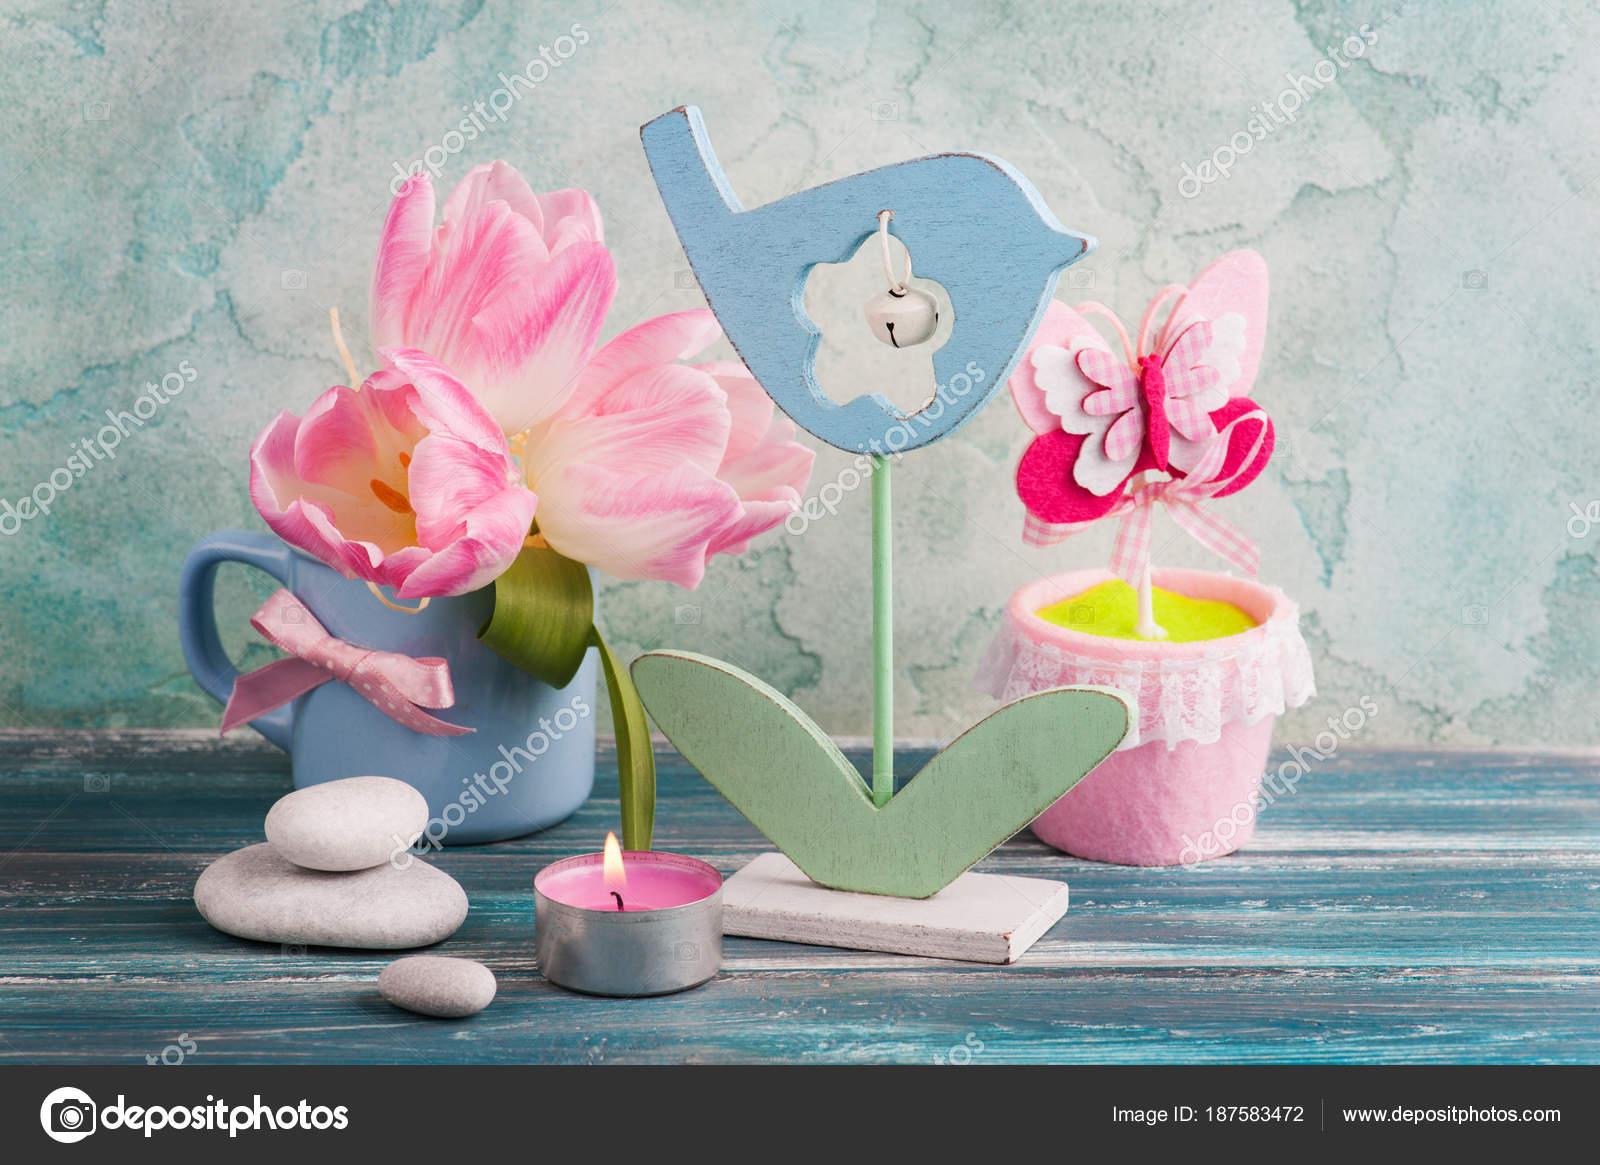 https://st3.depositphotos.com/3608211/18758/i/1600/depositphotos_187583472-stockafbeelding-roze-tulp-bloemen-verlichte-kaars.jpg